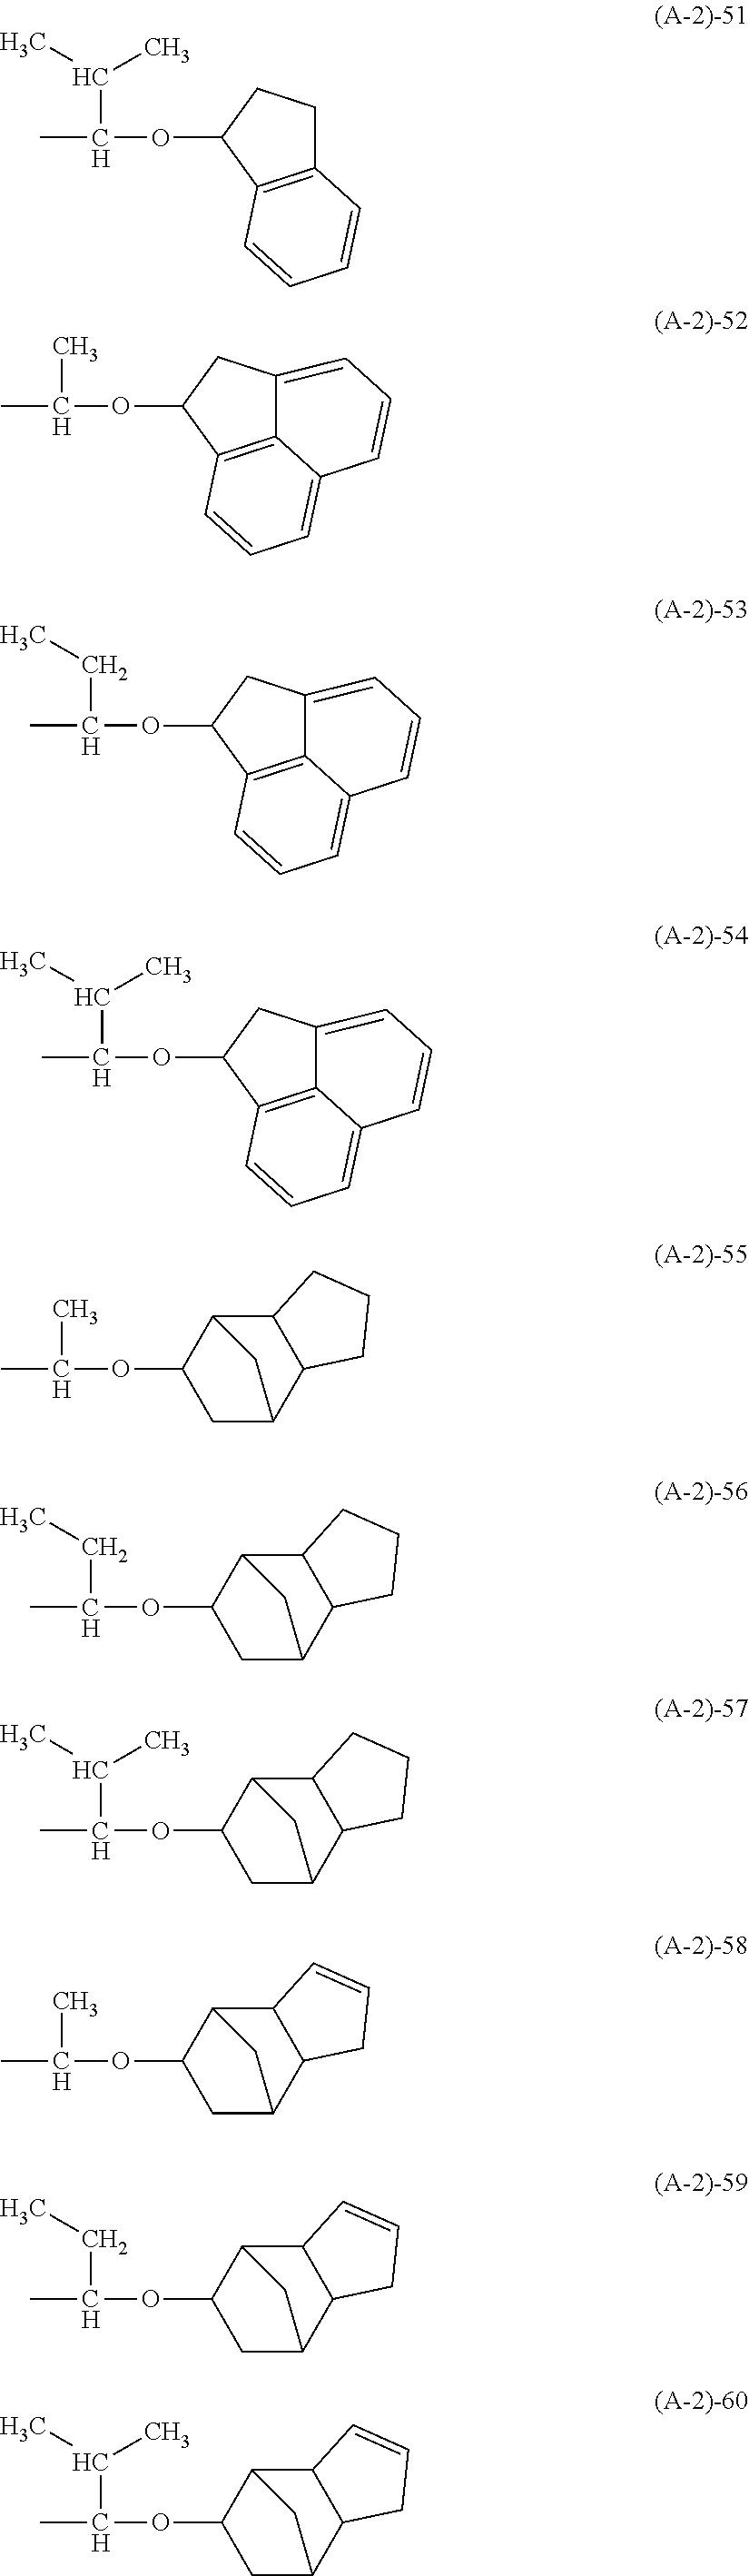 Figure US20110294070A1-20111201-C00023